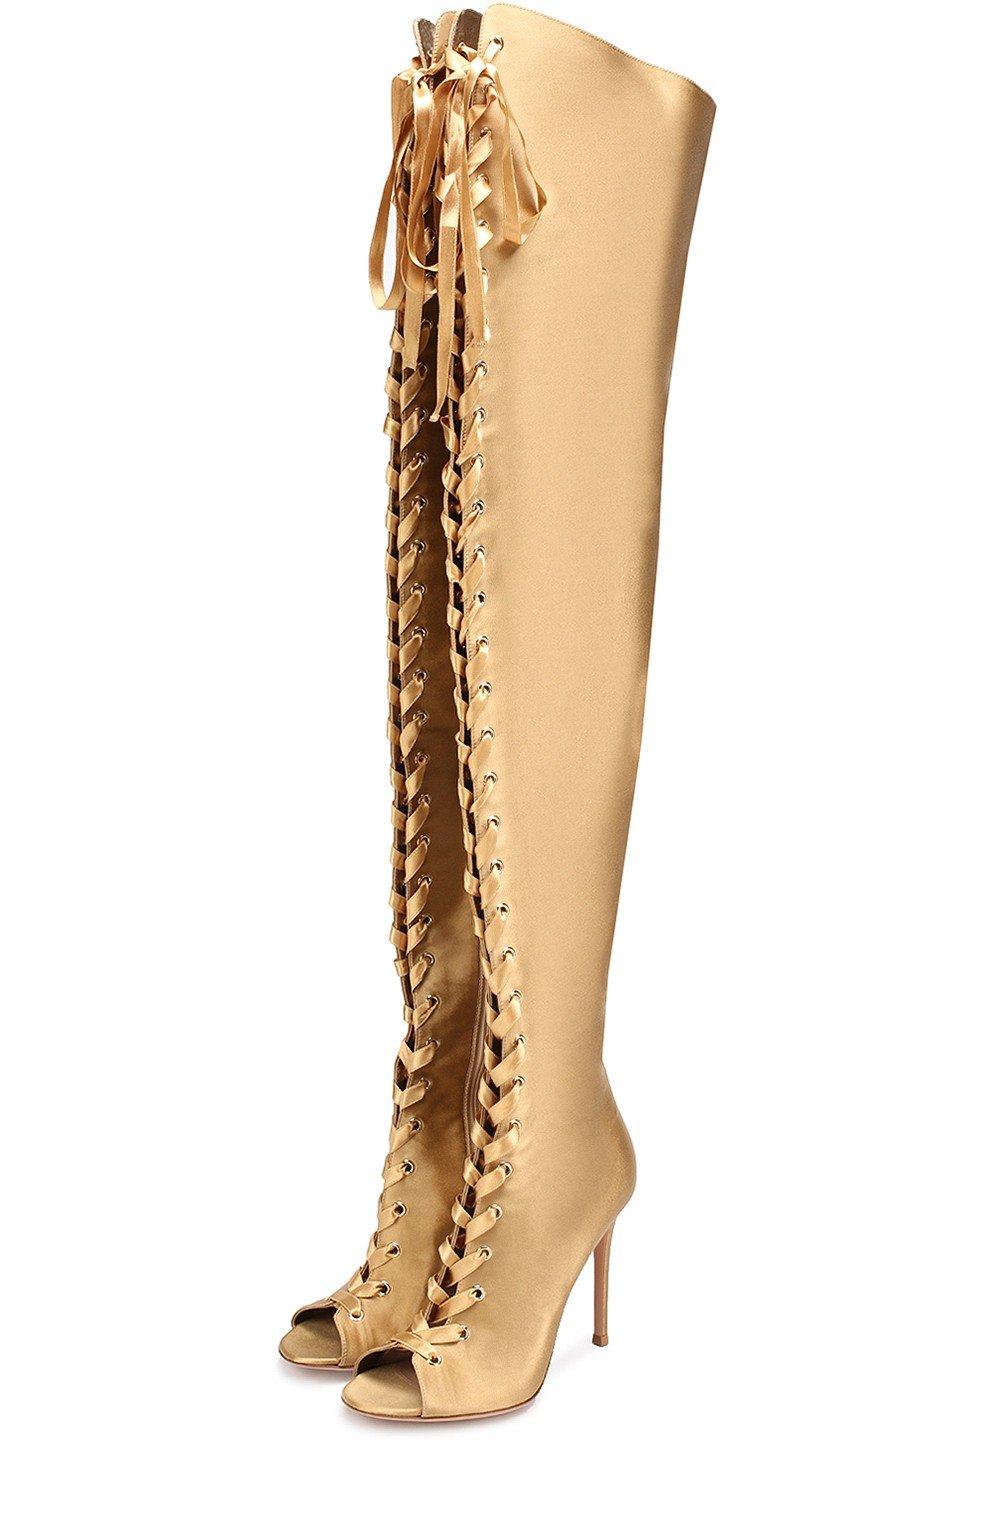 золотистые ботфорты со шнуровкой сапоги весна 2018 модные тенденции фото